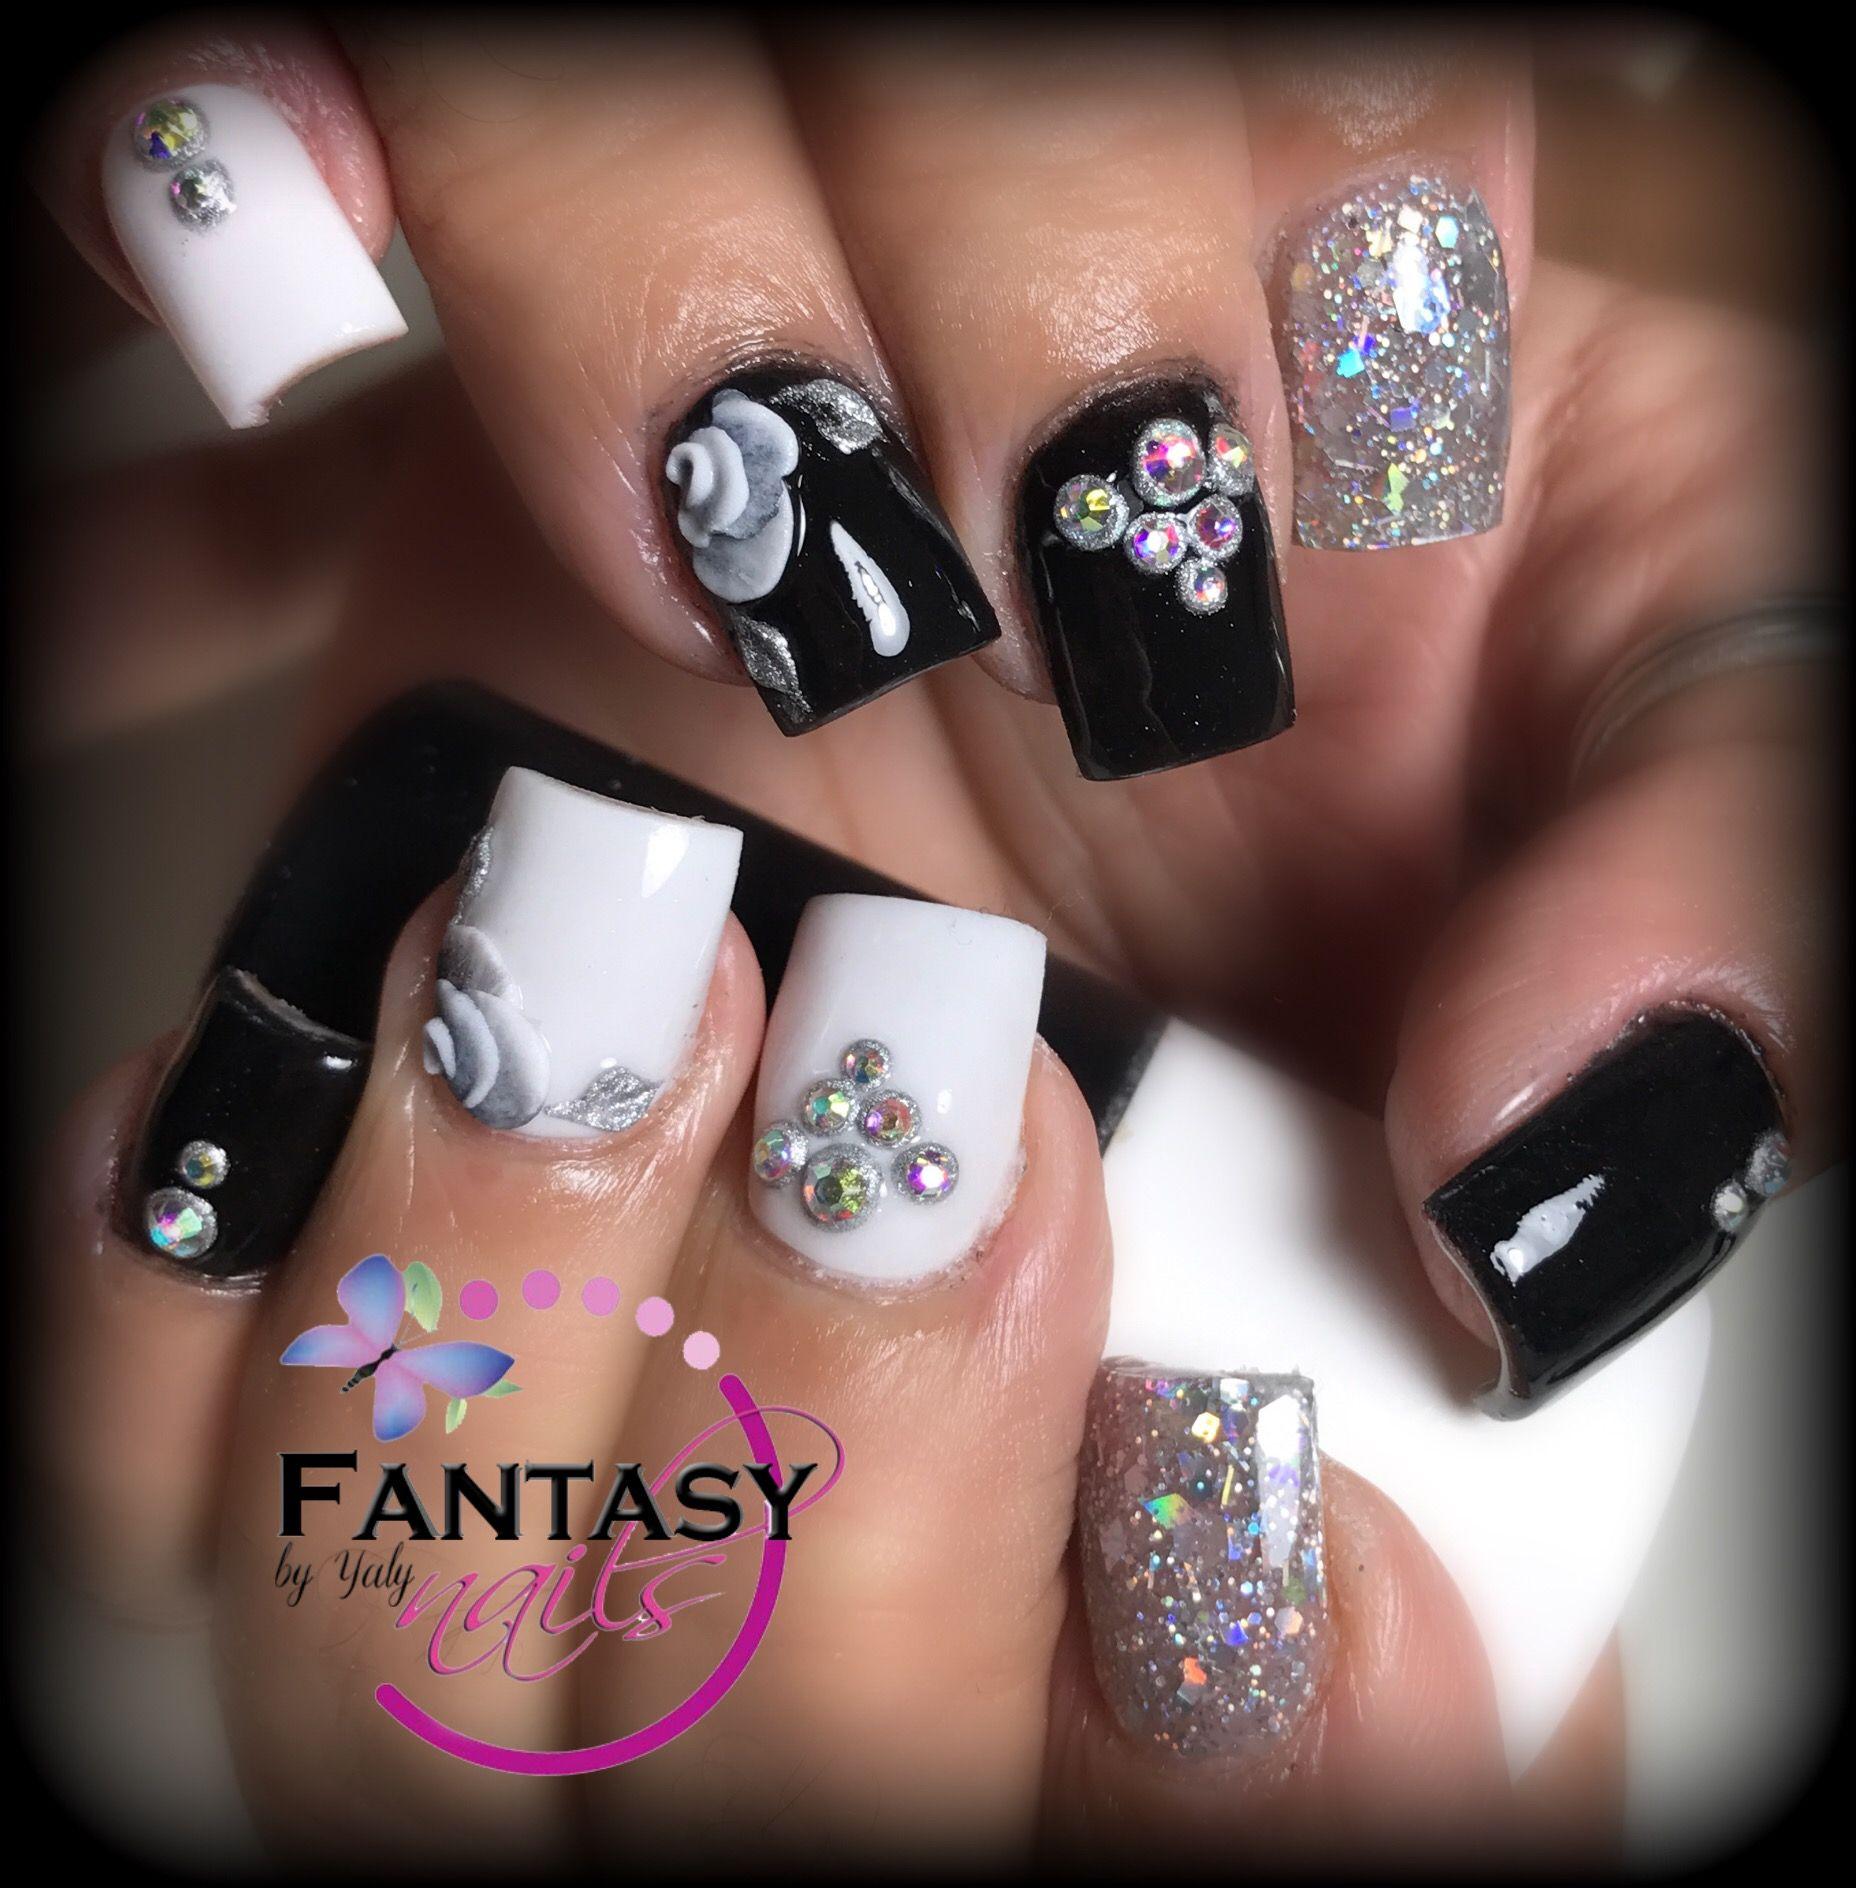 Pin de Fantasy Nails by Yaly en FANTASY NAILS Uñas